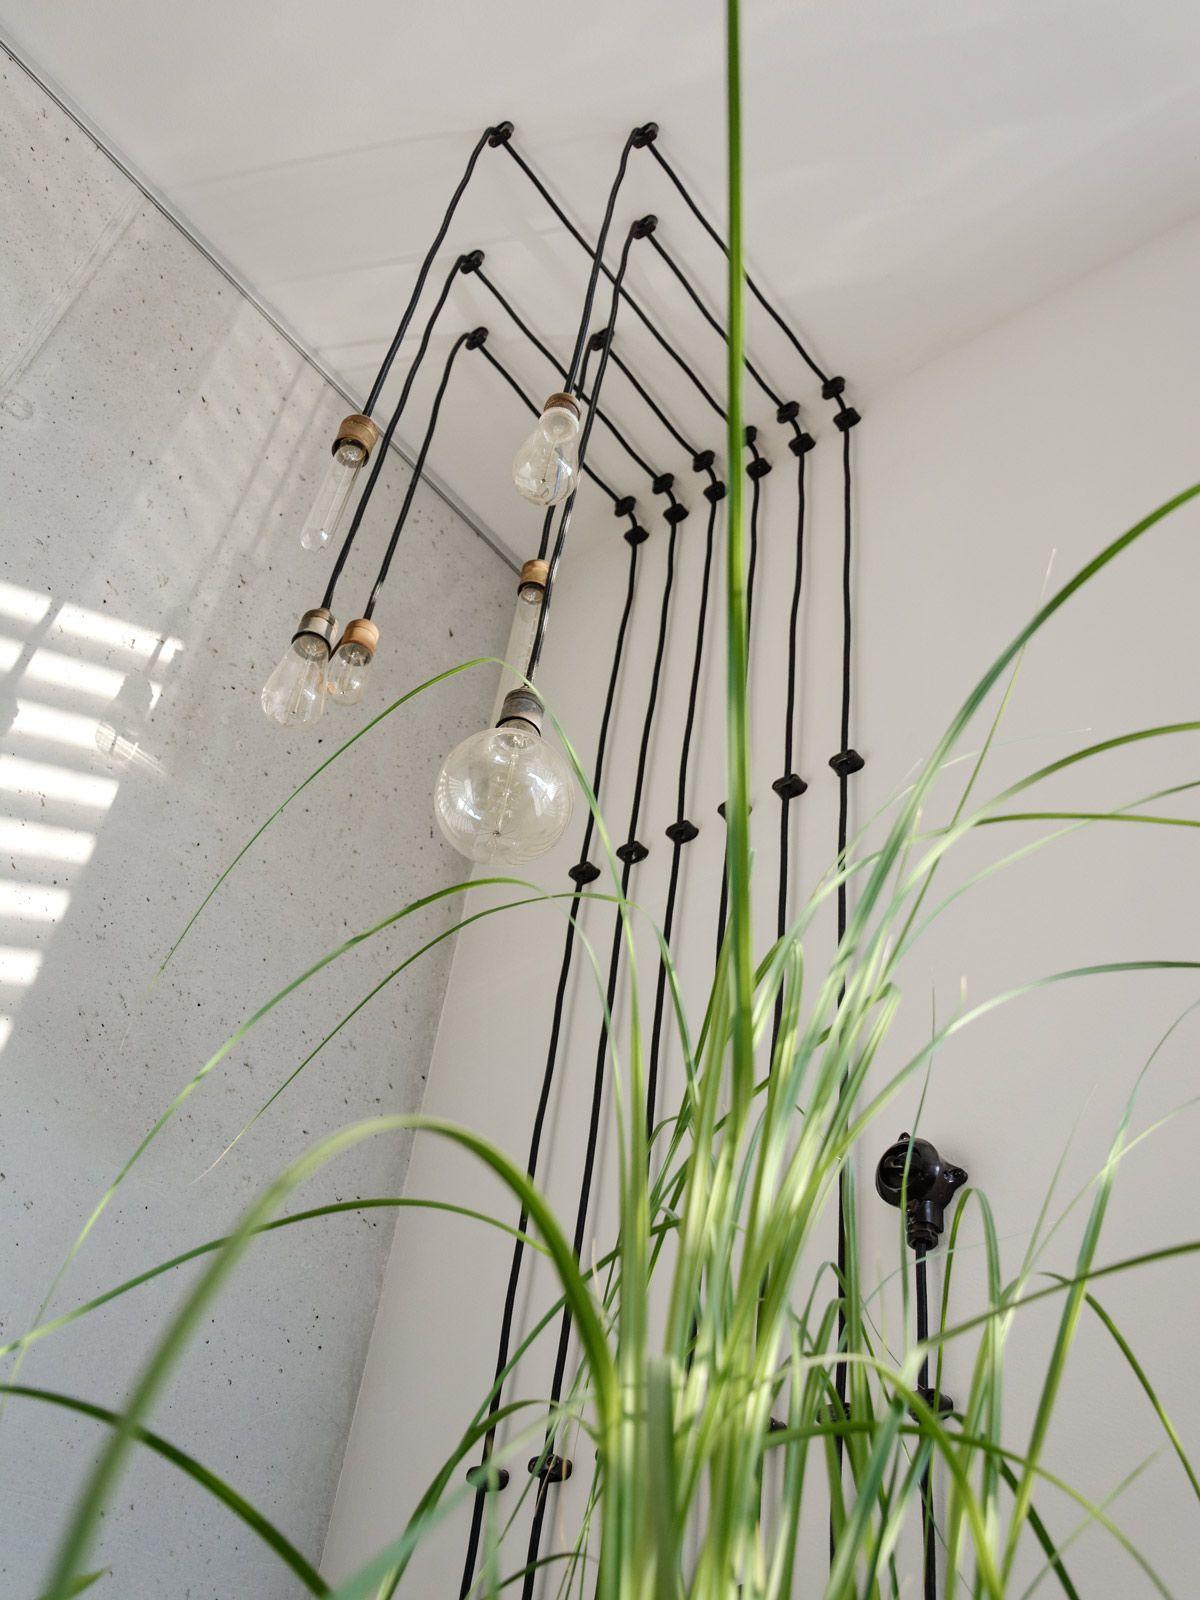 Lichtinstallation mit Kohlefadenglühbirnen - Lichtideen | mx ...